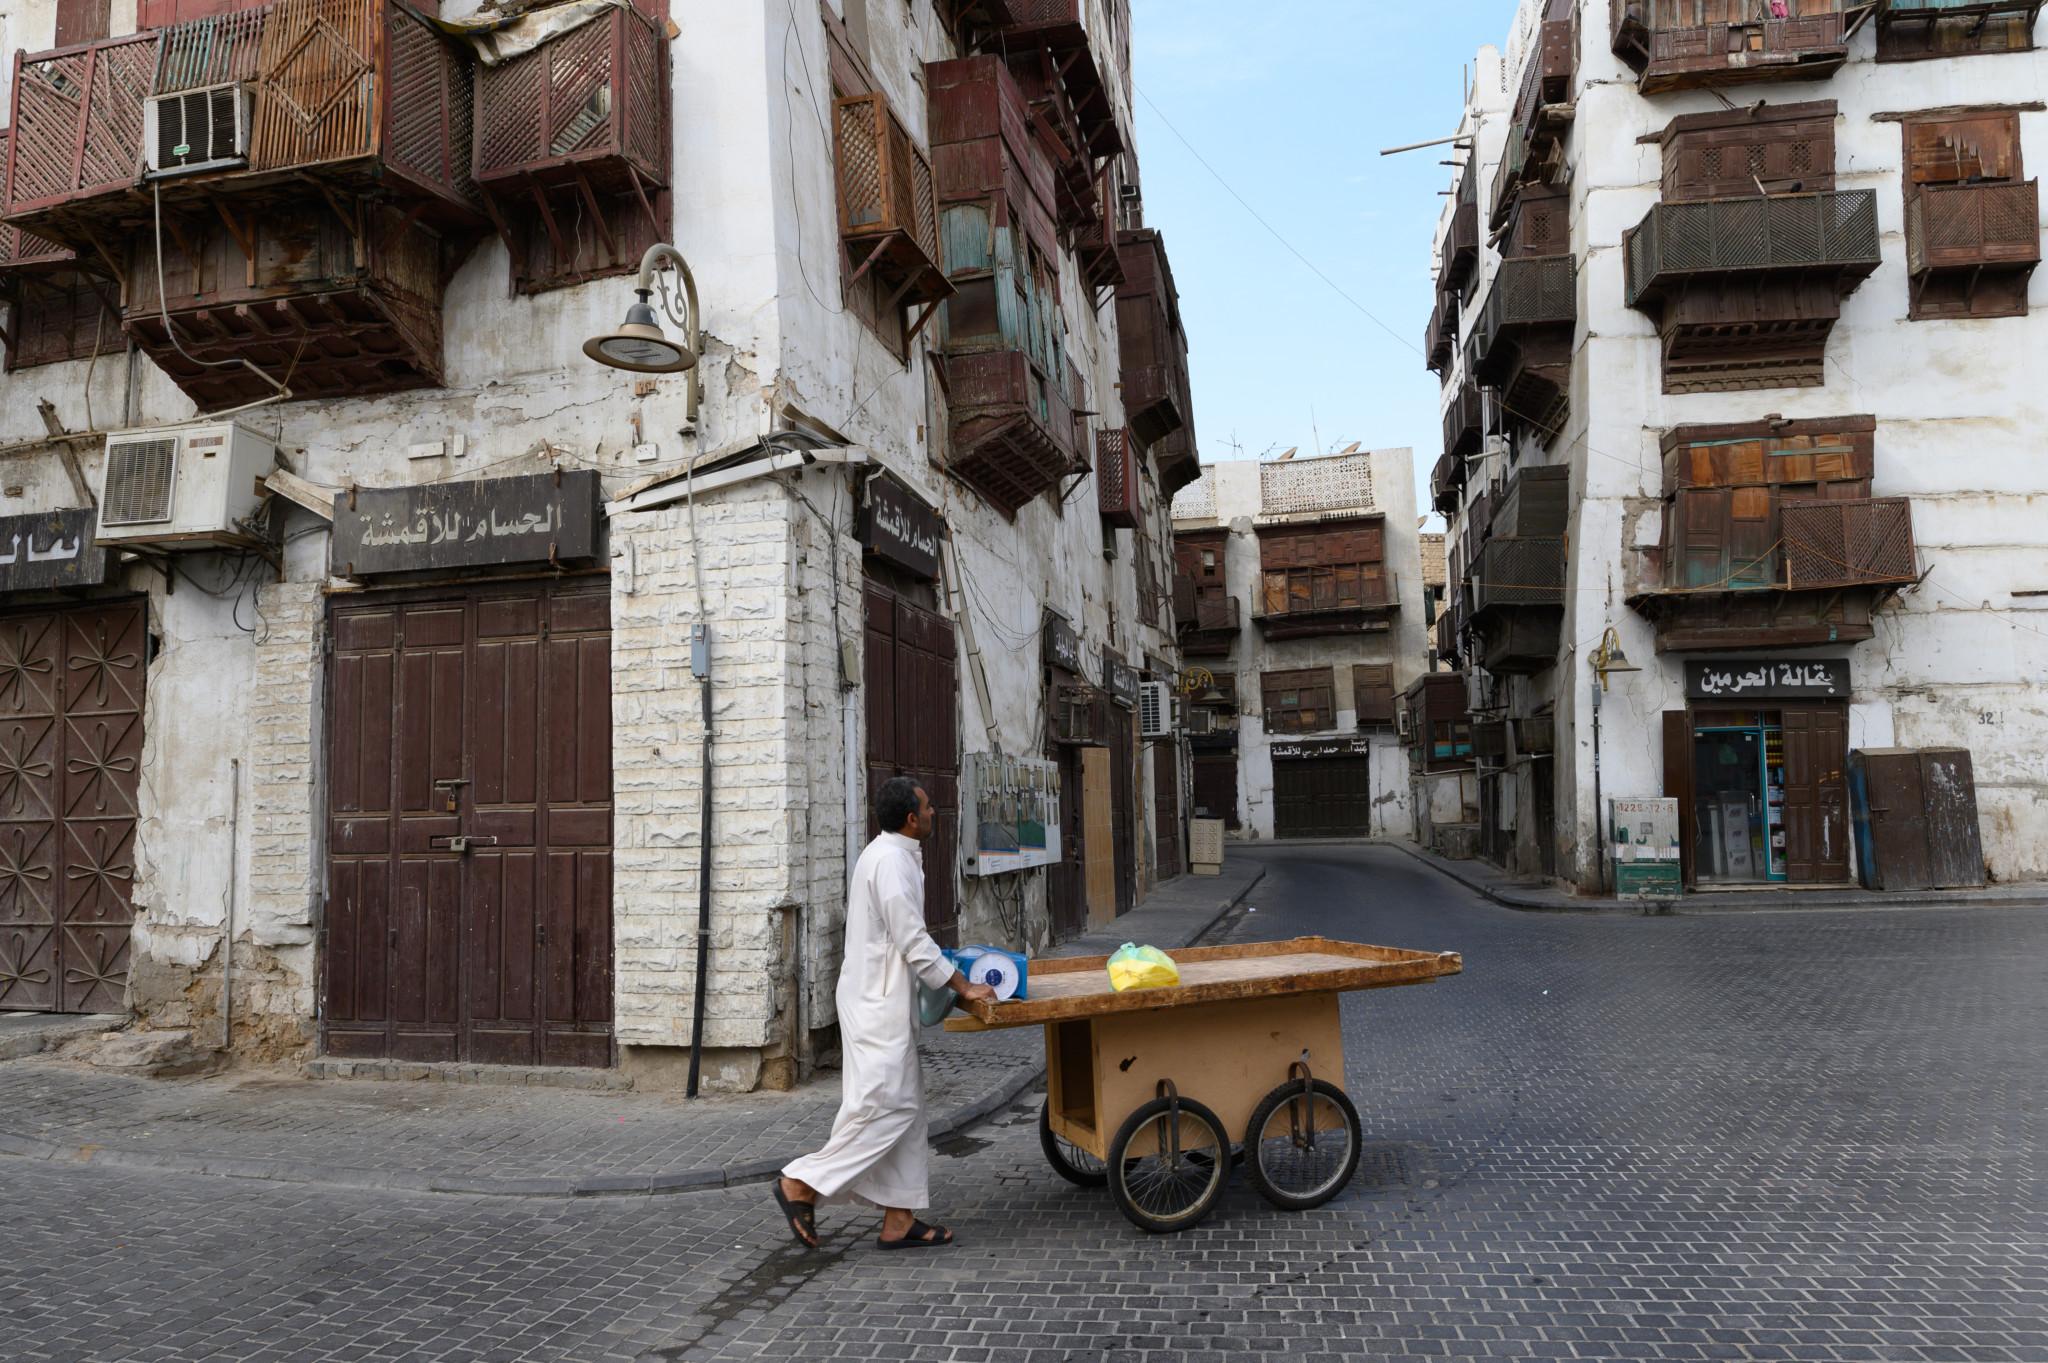 Die Altstadt von Jeddah steckt voller wunderschöner Häuser